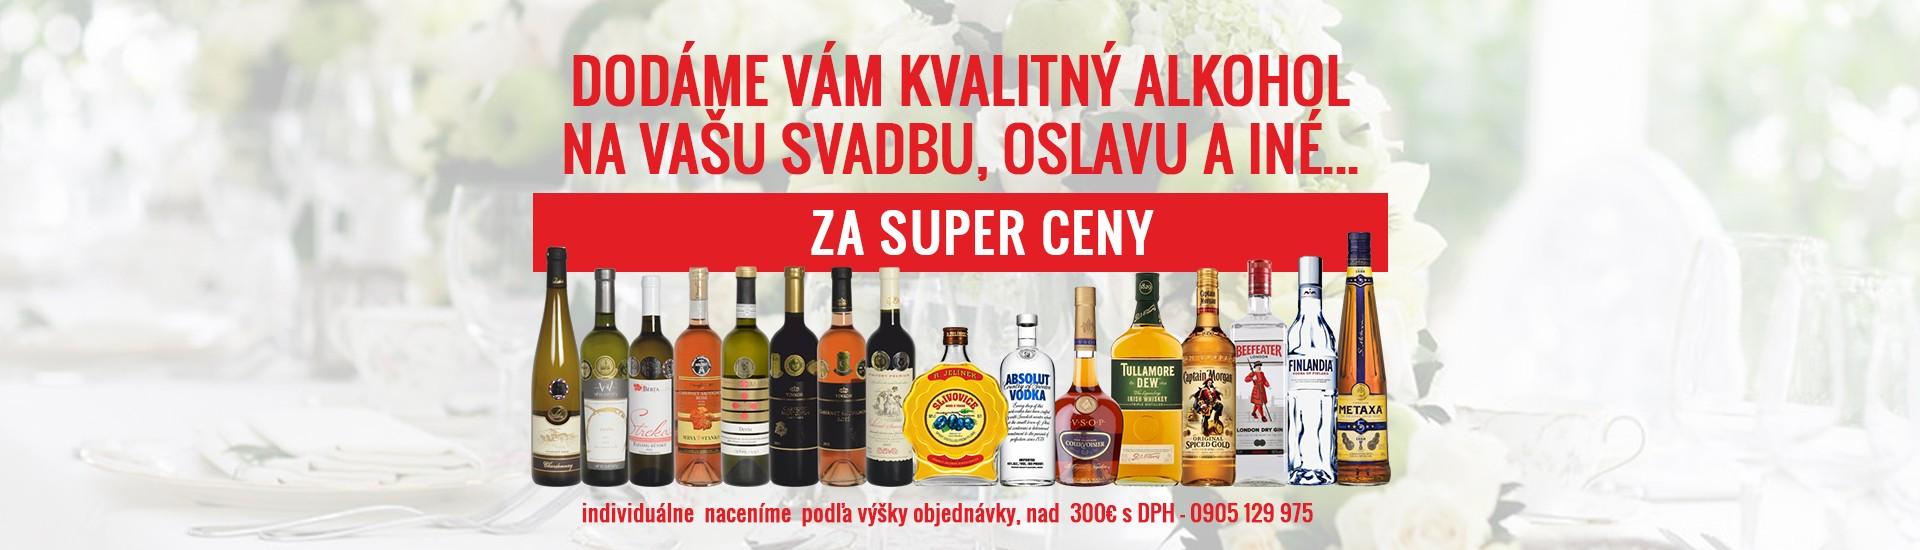 DODÁME VÁM KVALITNÝ ALKOHOL NA VAŠU SVADBU, OSLAVU A INÉ...